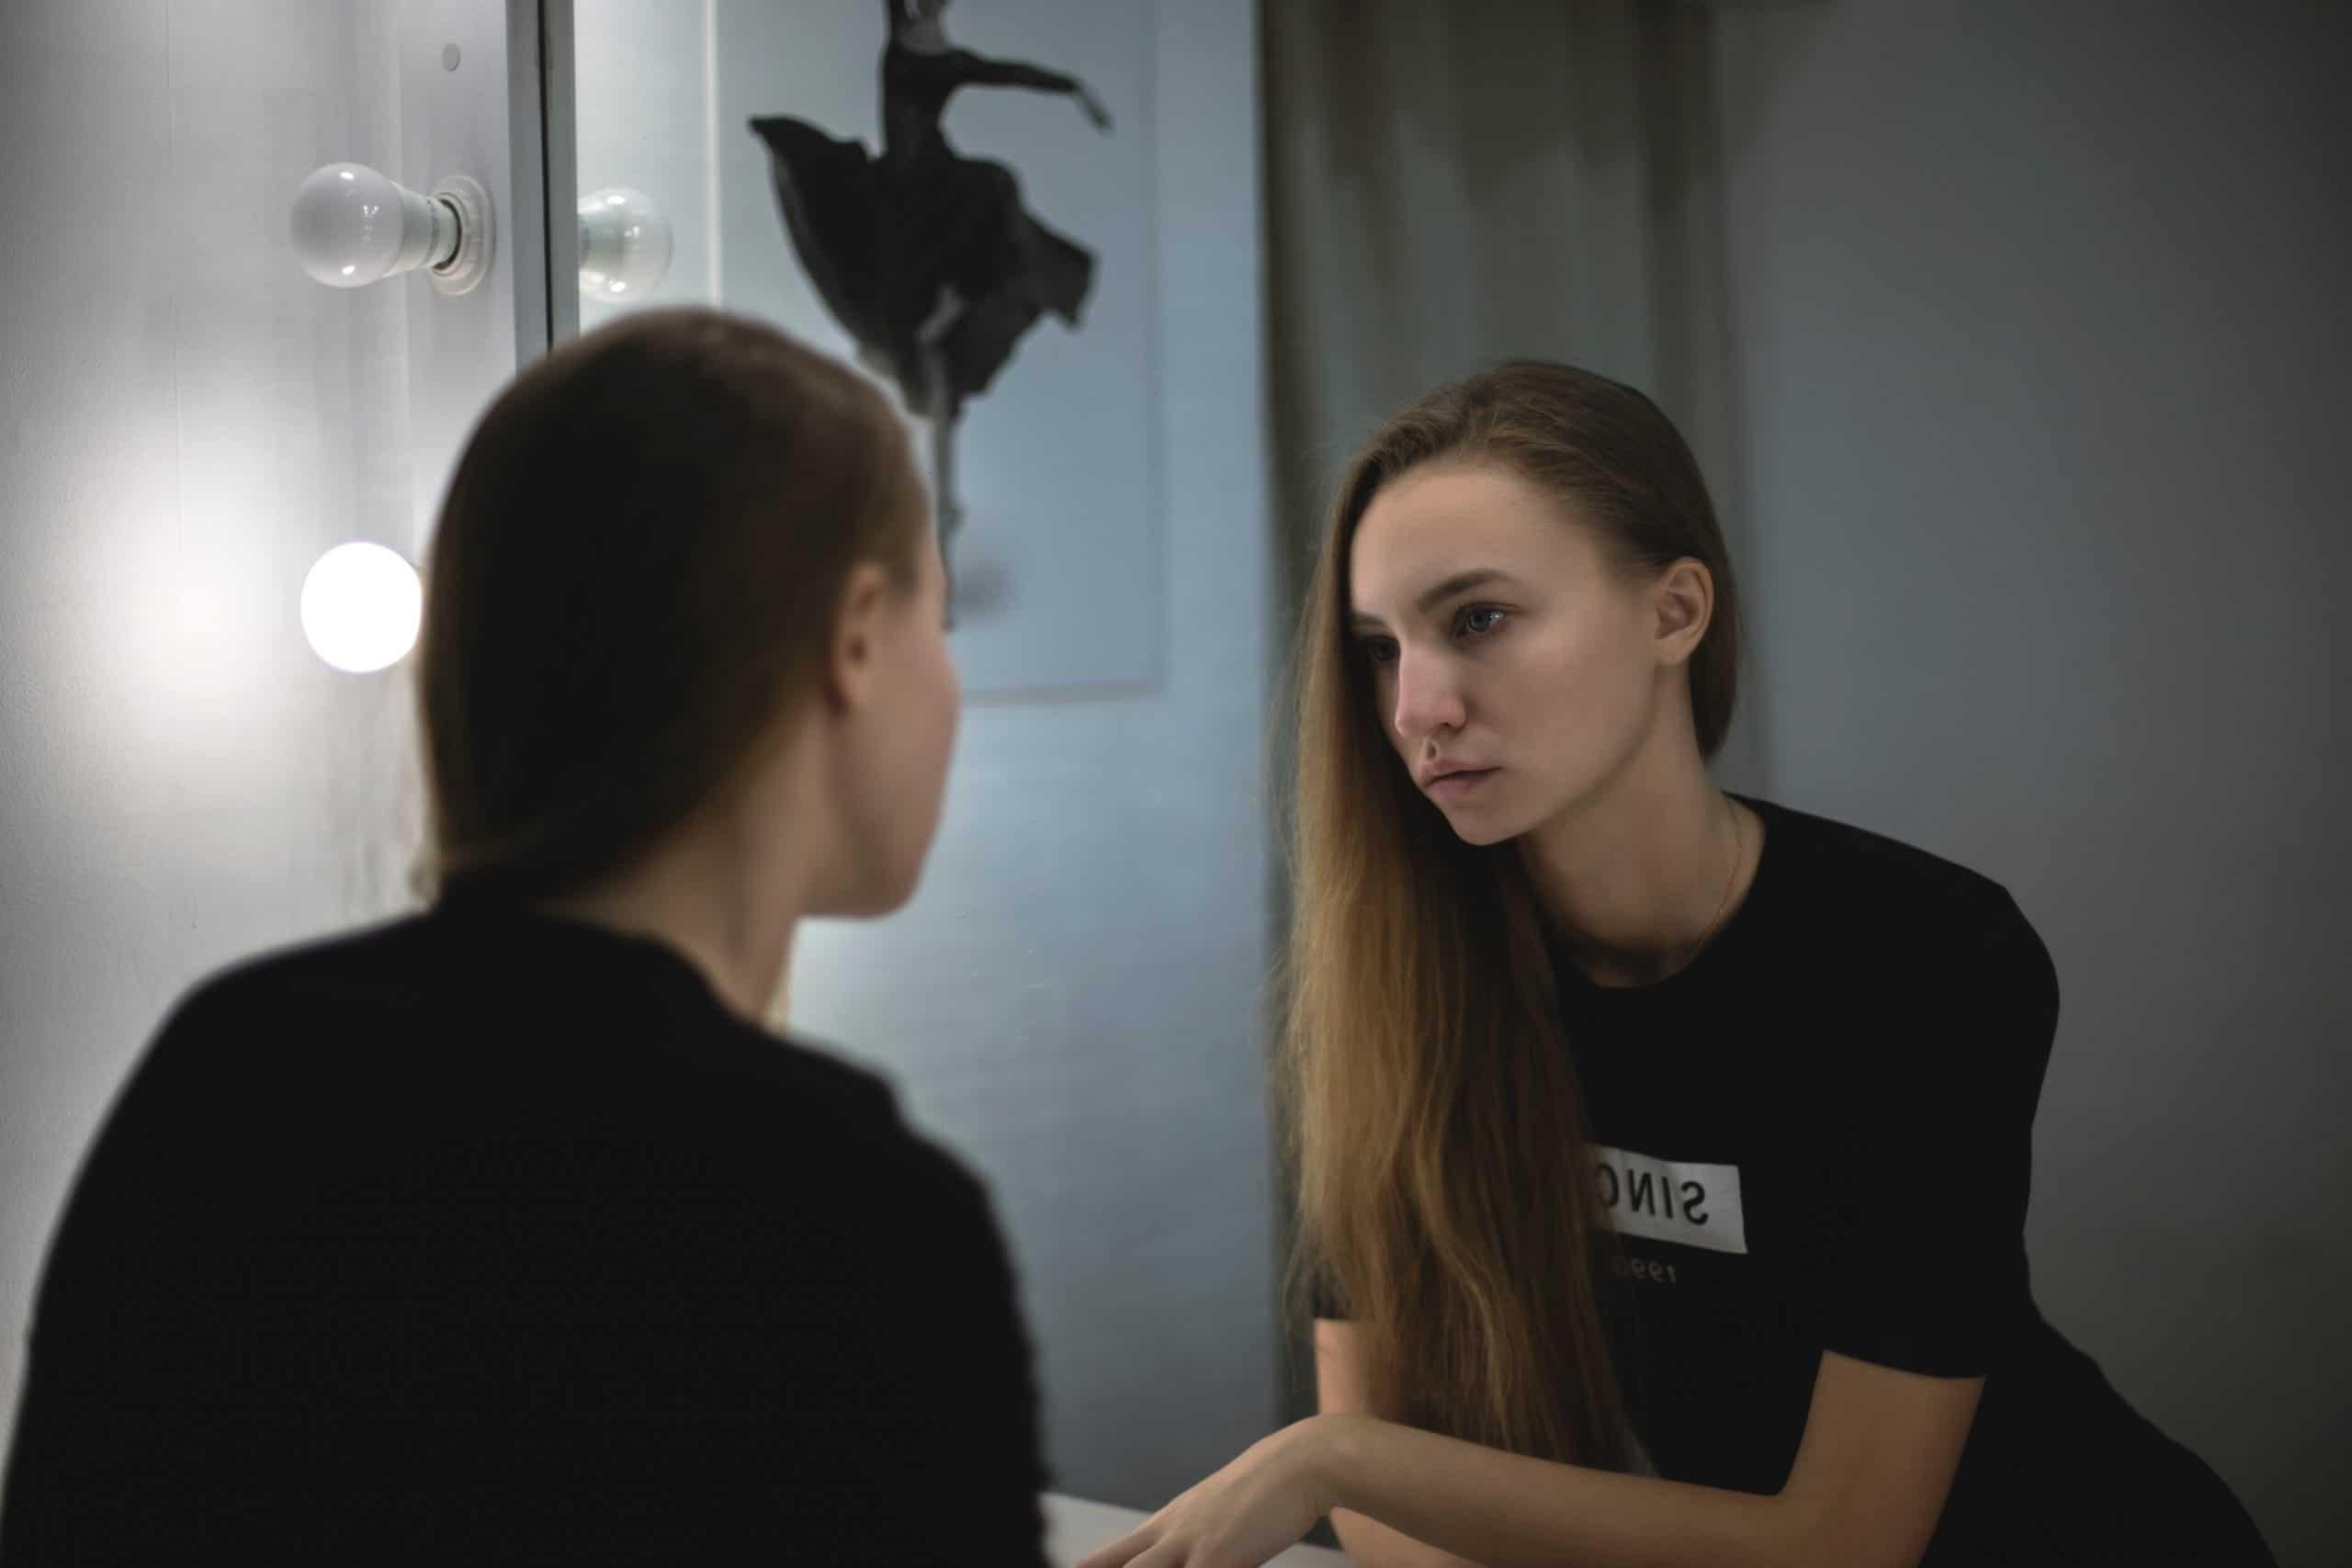 Menina se olhando no espelho do banheiro.